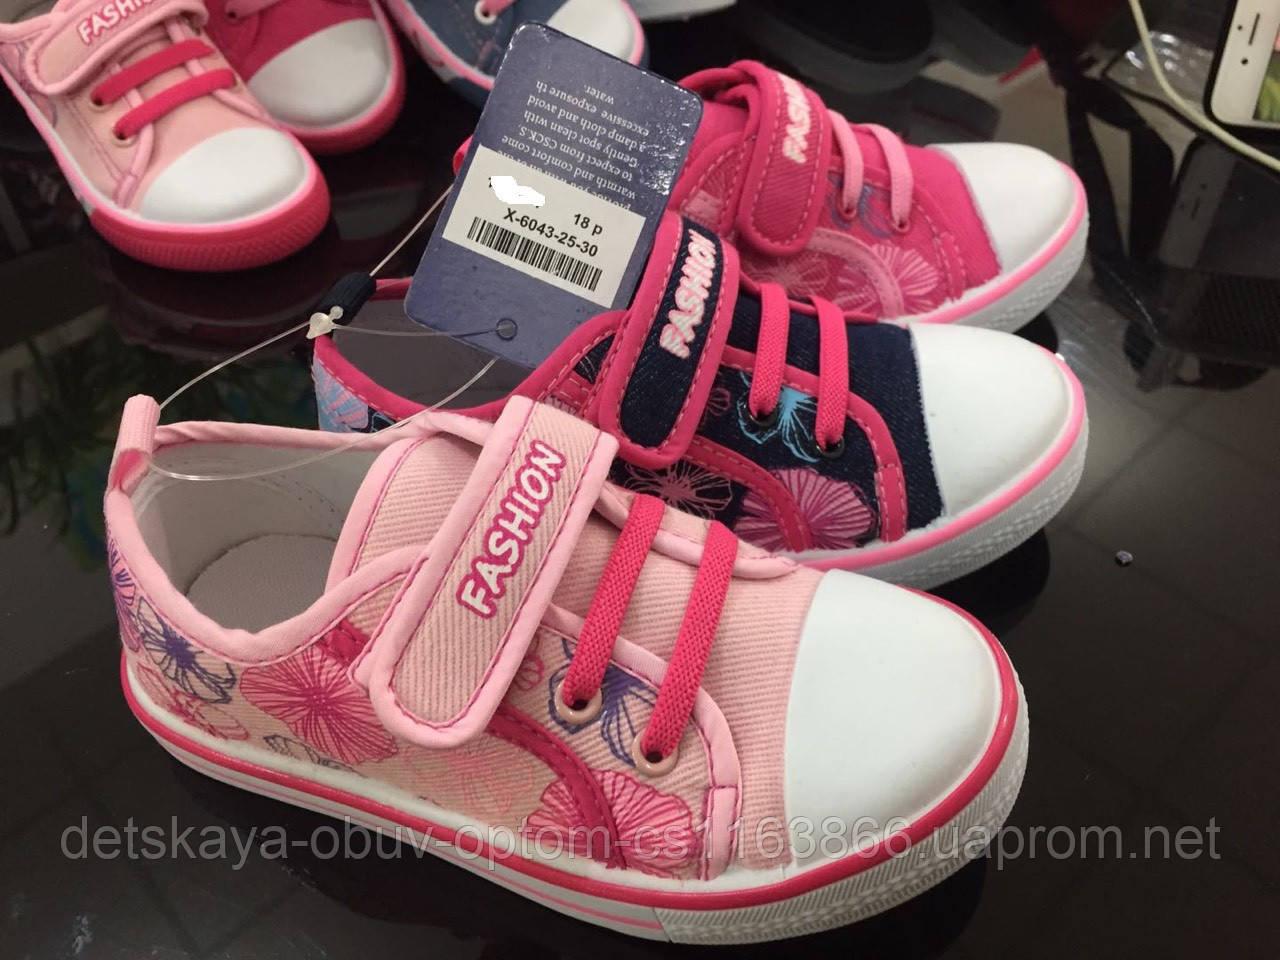 fbb677fcc4b00 Кеды детские для девочек оптом Размеры 25-30, цена 193 грн., купить в  Львове — Prom.ua (ID#261811856)